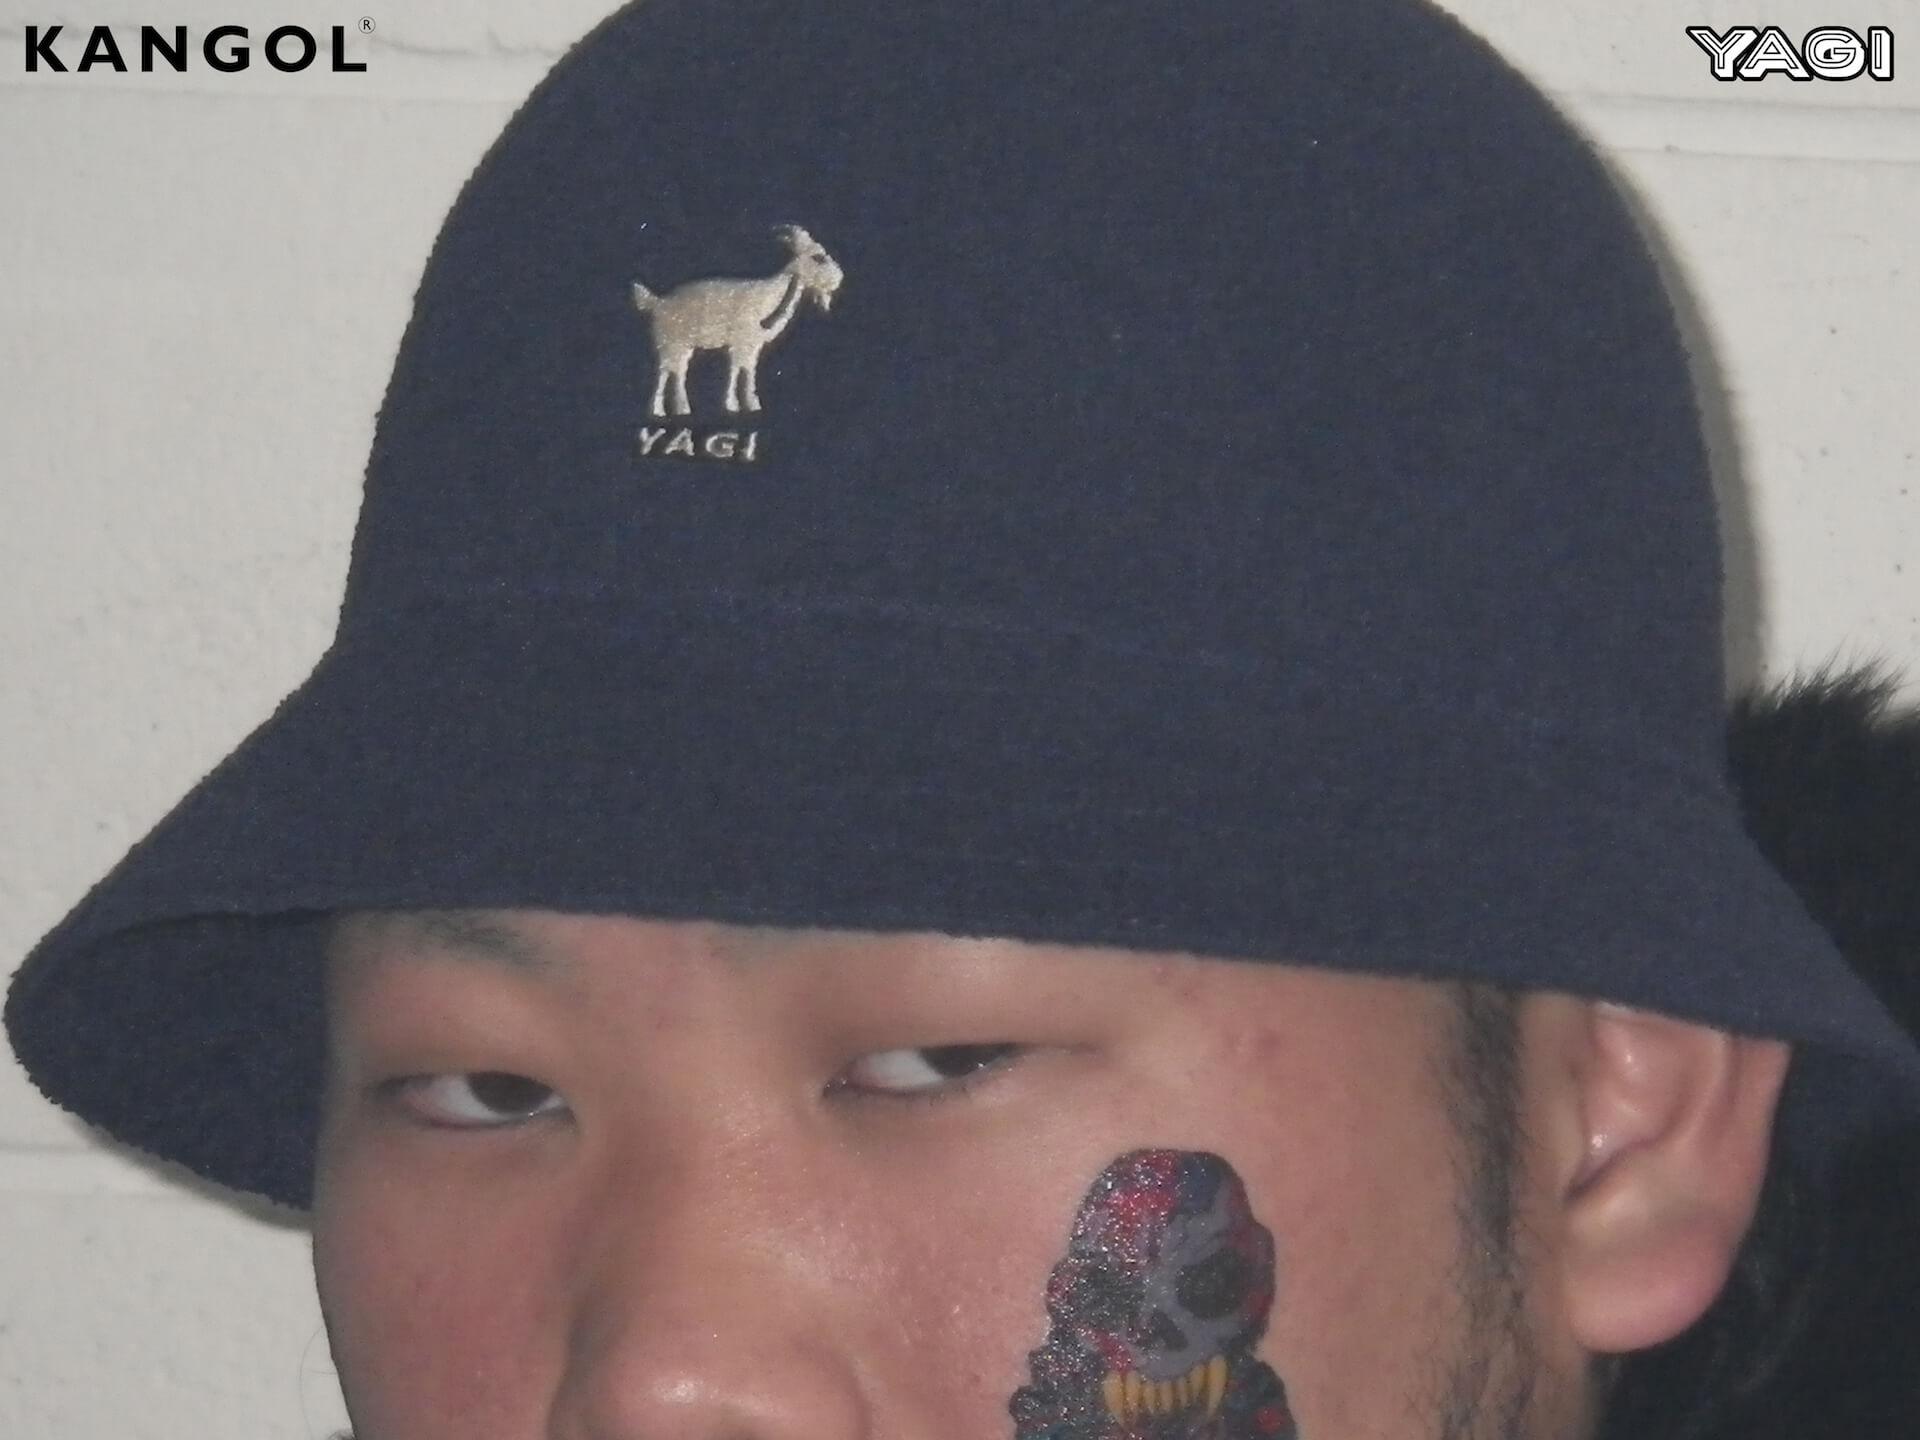 KANGOLがオカモトレイジ率いる「YAGI EXHIBITION」とコラボ|YAGIを配したオリジナルハット発売 life200302_yagi_kangol_15